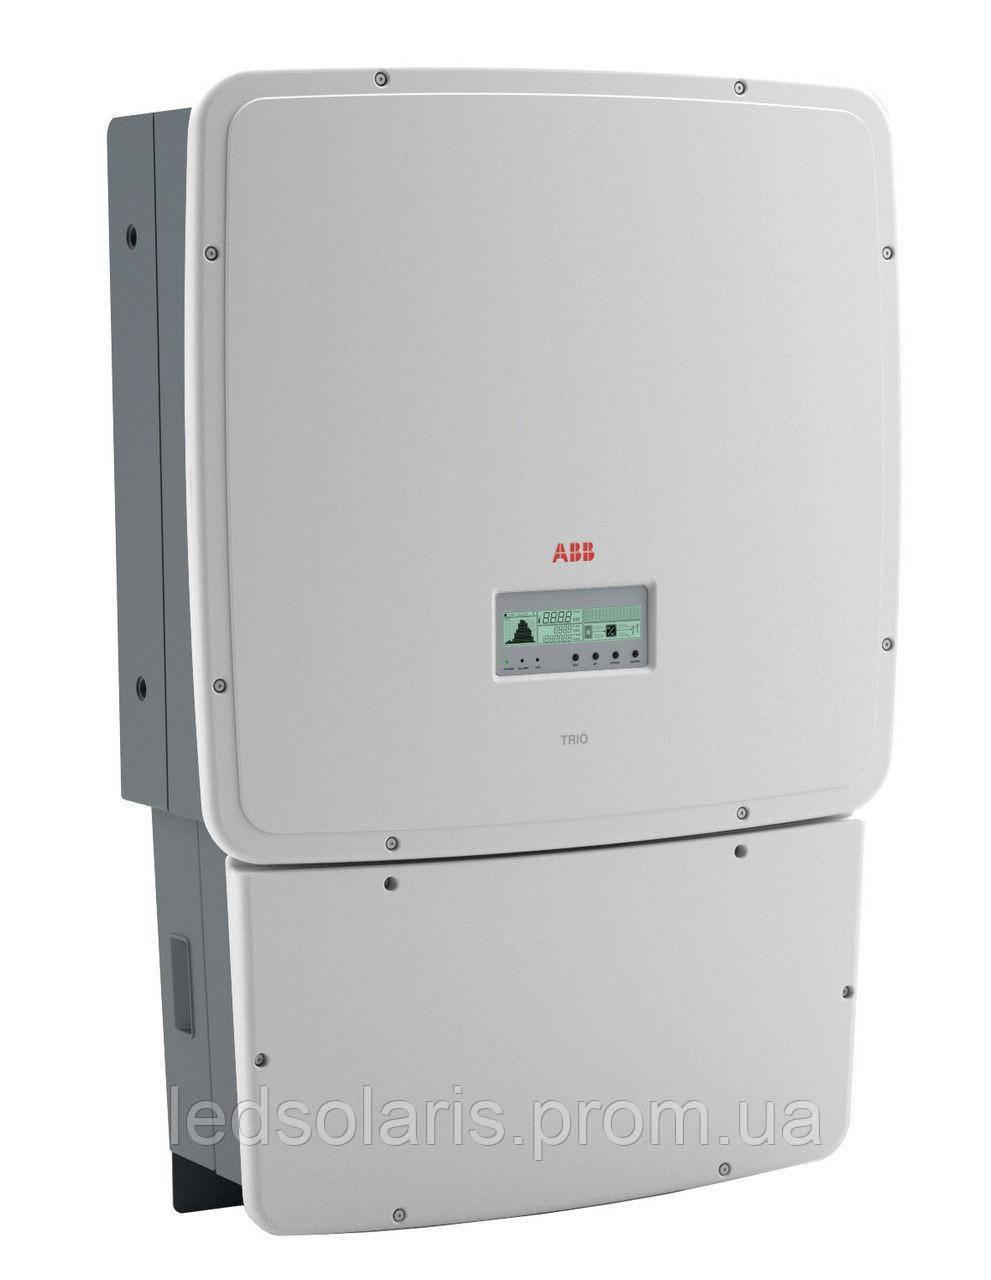 Сетевой инвертор ABB PRO 33 -TL-OUTD-S-400